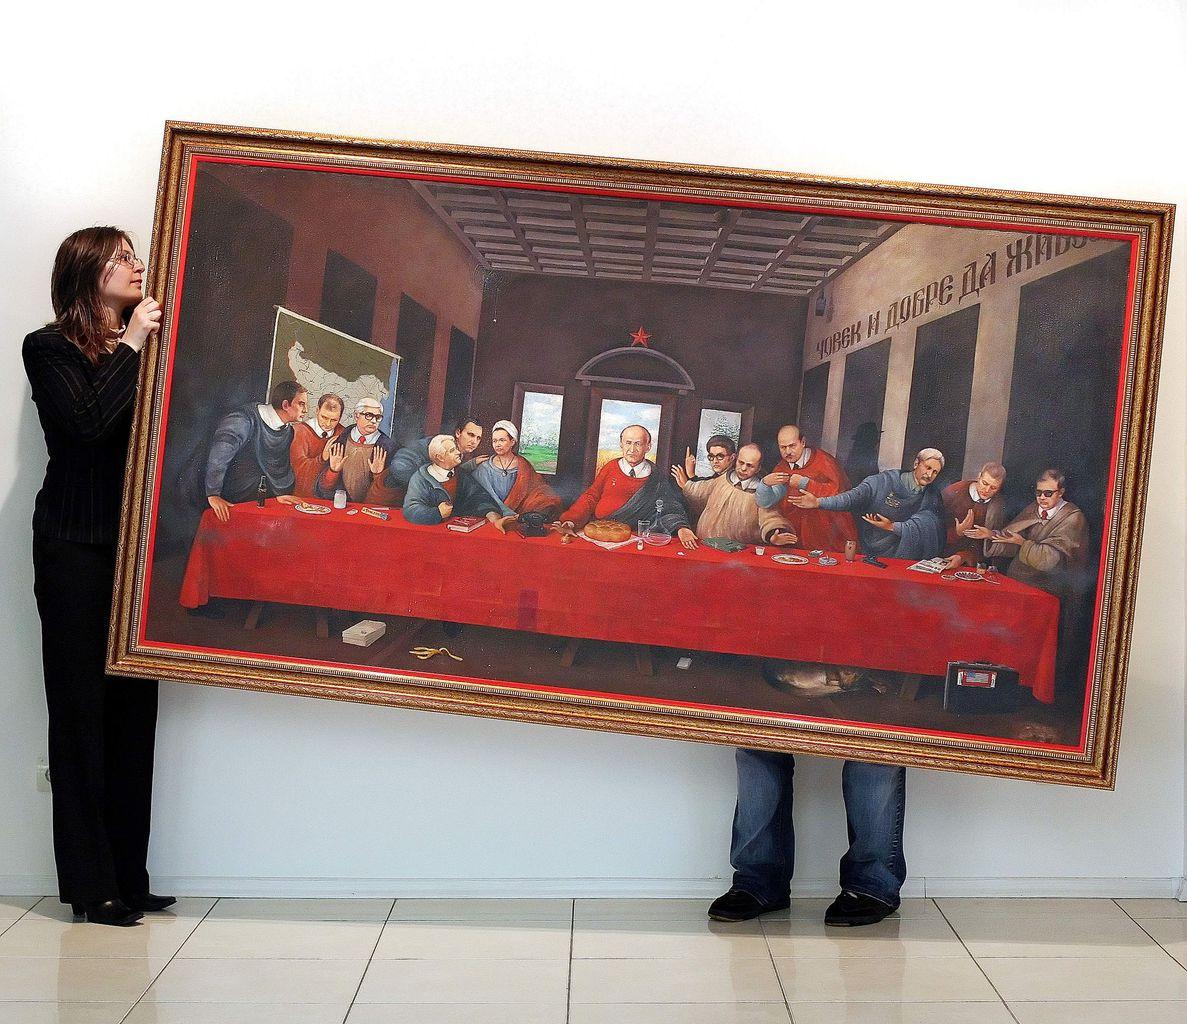 Egy névtelen bolgár festő alkotását teszik falra egy szófiai galéra munkatársai 2007-ben, amely Todor Zsivkovot és a bolgár kommunista párt központi bizottságának tagjait ábrázolja, mint Jézus Krisztus és a 12 tanítvány Leonardo Da Vinci Utolsó vacsora című képén Fotó:EUROPRESS/Boryana Katsarova/AFP #moszkvater